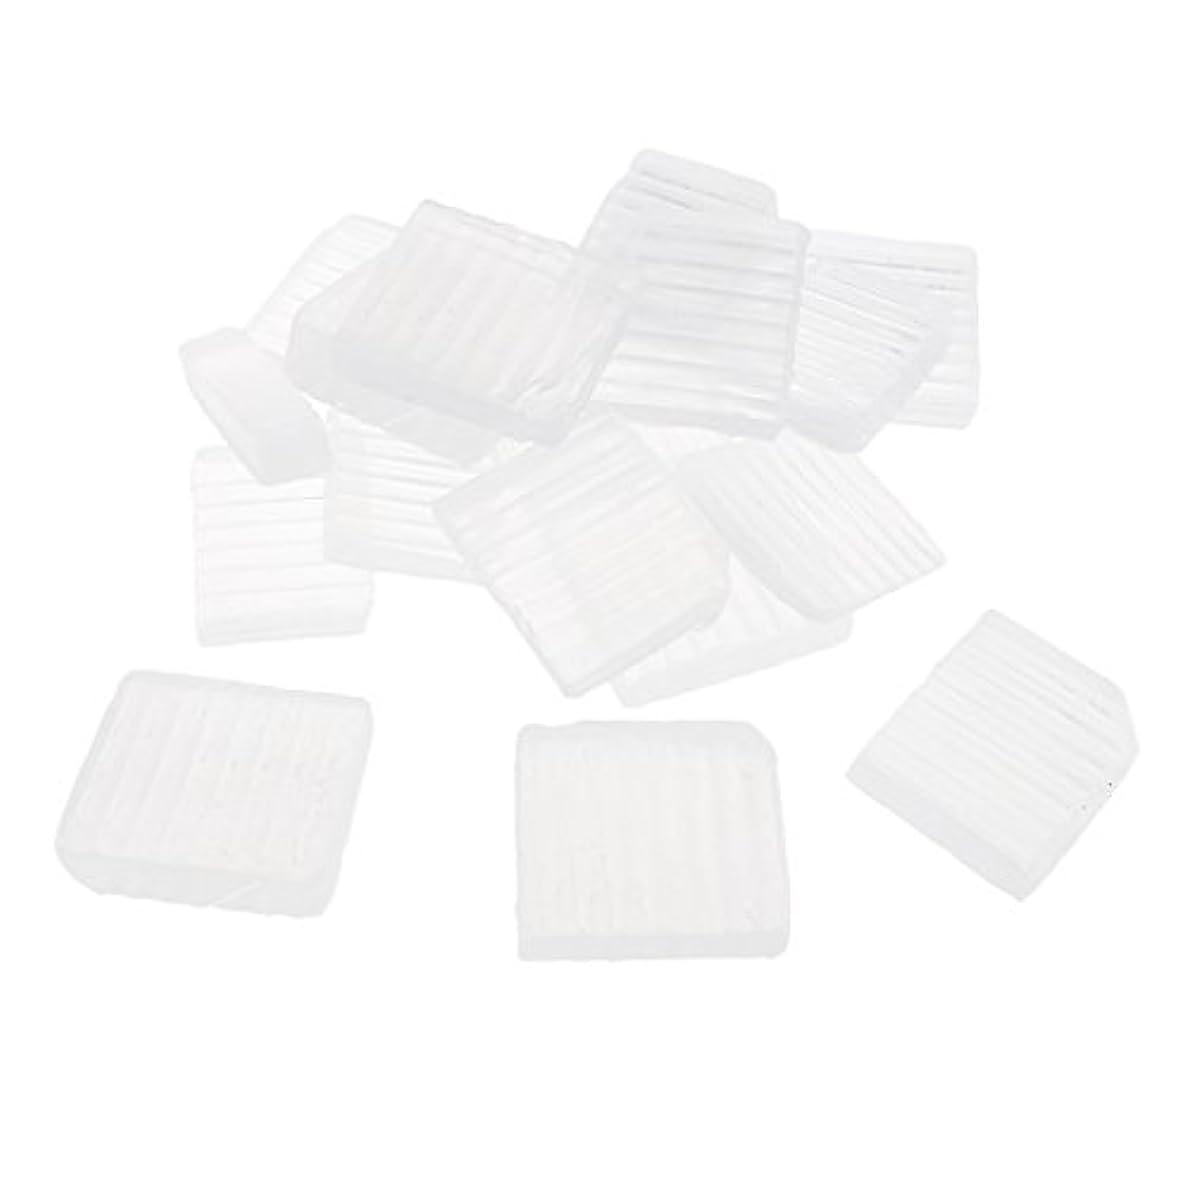 ましい代名詞息苦しいSharplace 透明 石鹸ベース DIY 手作り 石鹸 約1 KG